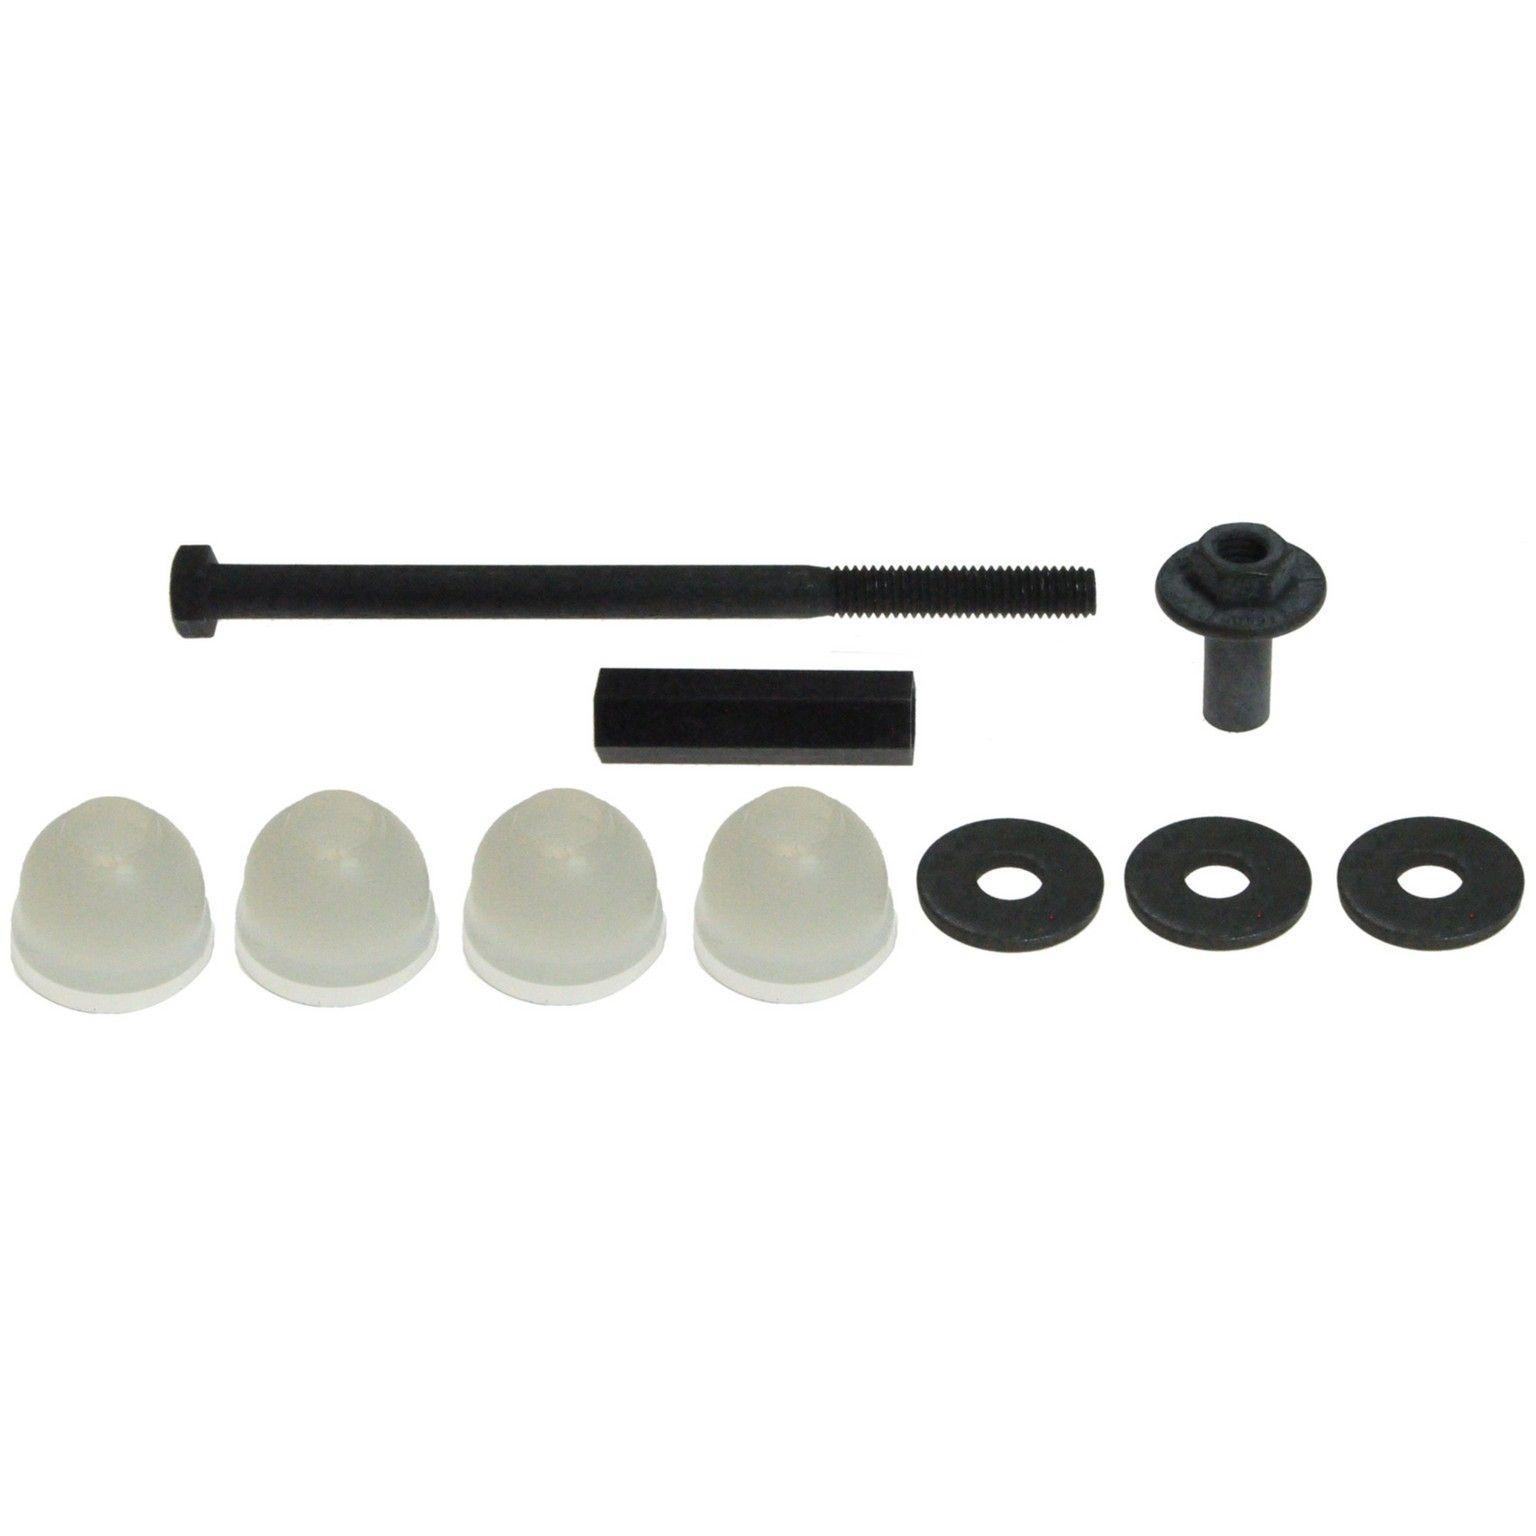 Suspension Stabilizer Bar Link Kit Moog K5315